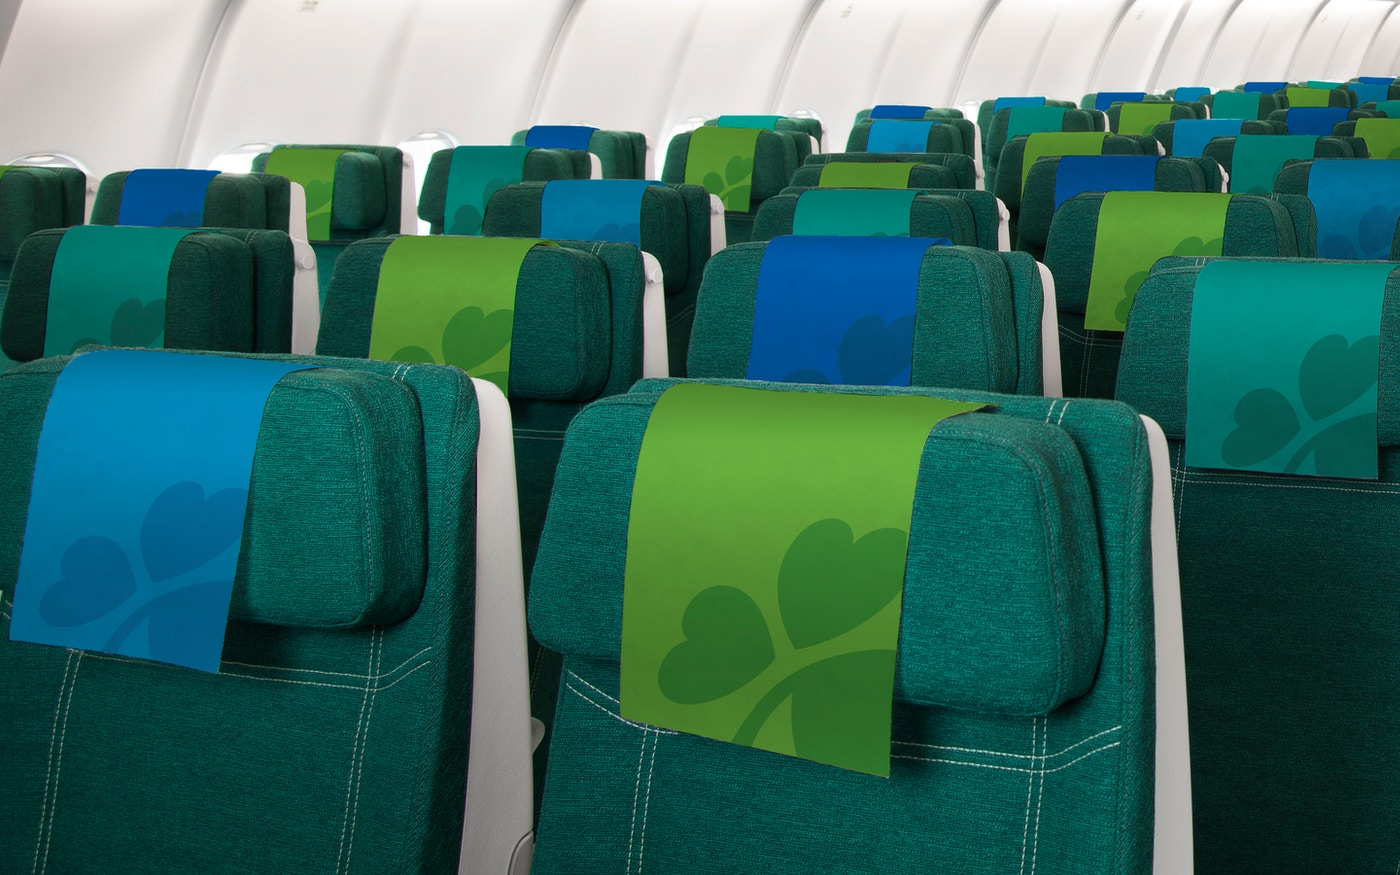 Aer Lingus flight interior